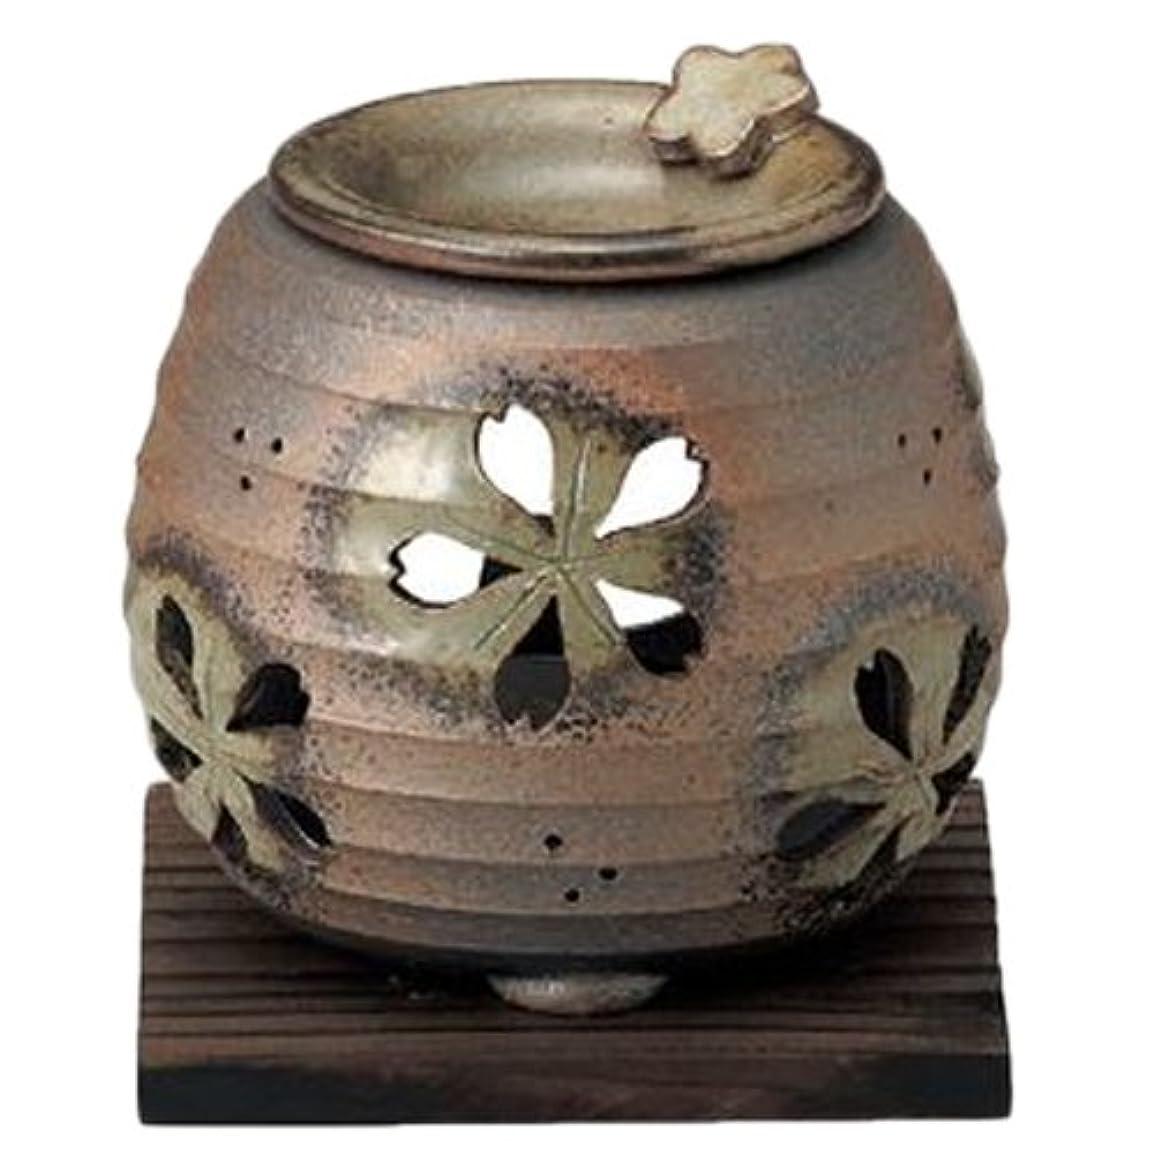 腐敗したプレゼン誕生日常滑焼6-249石龍 緑灰釉桜透かし茶香炉 AM-T1205